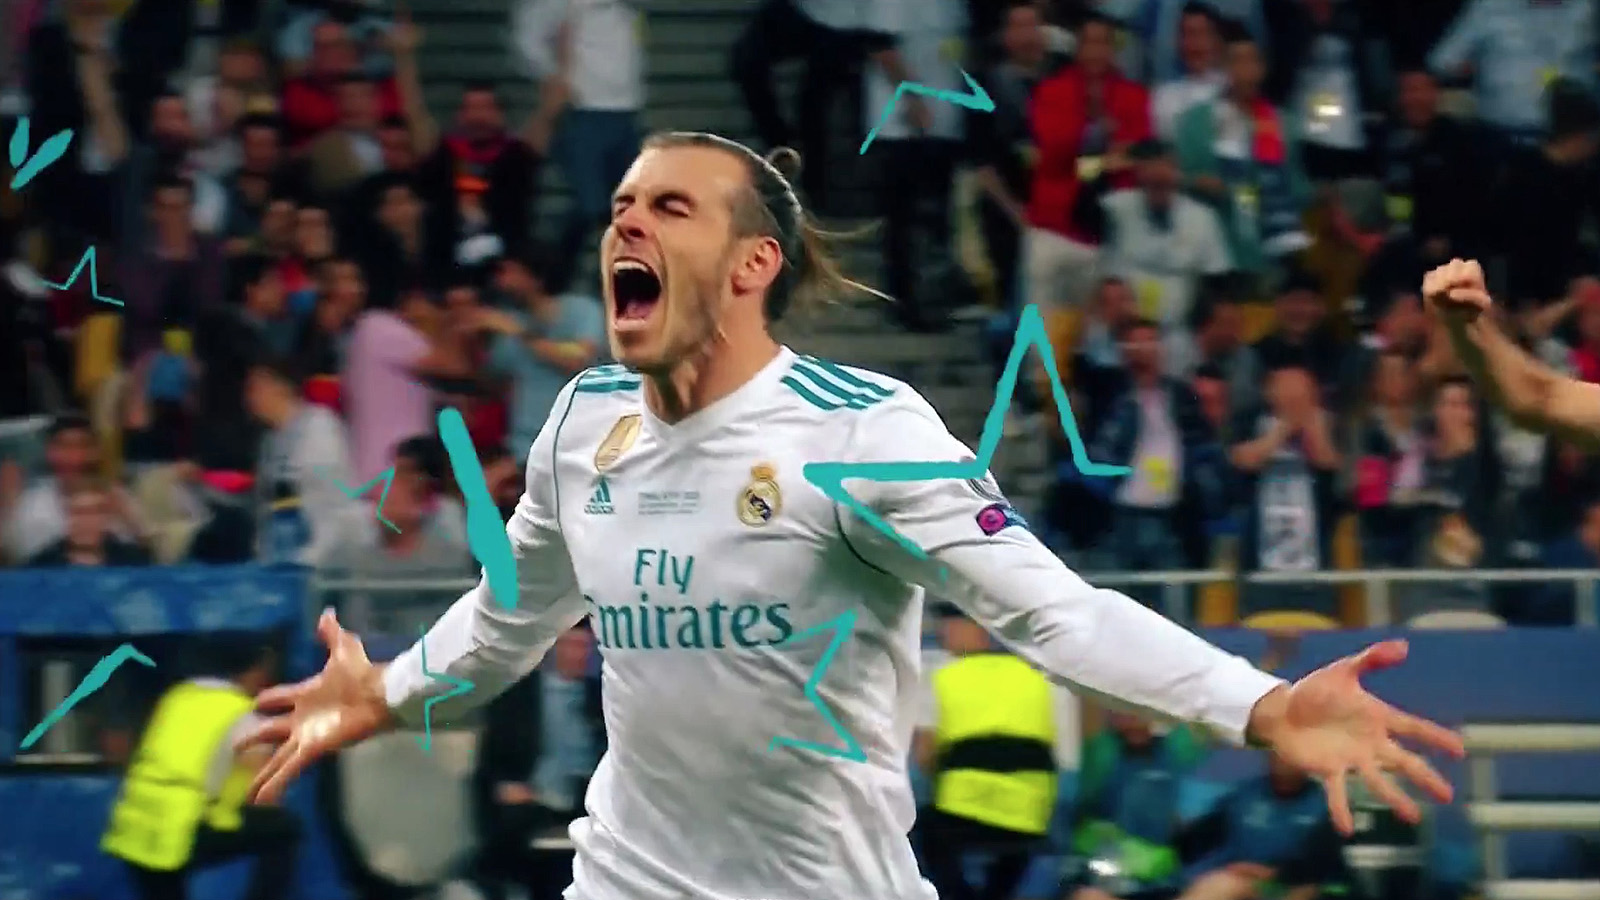 NCS_BR-Football-UEFA_Graphics-00003